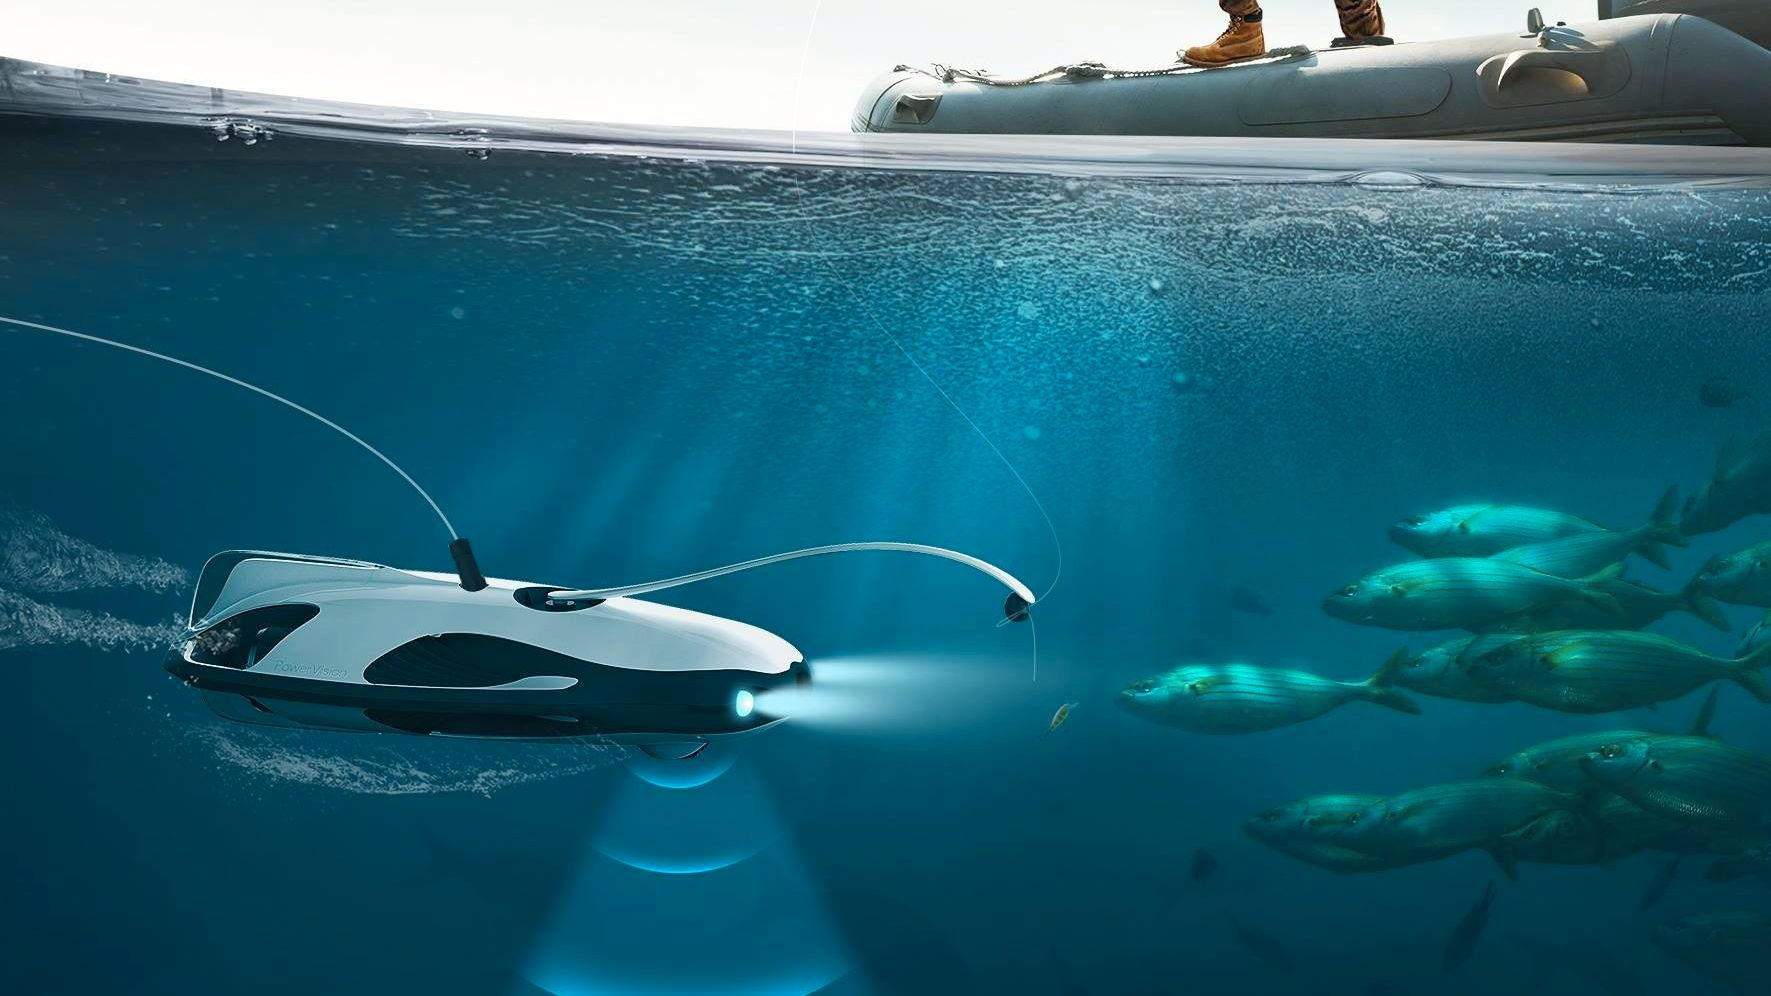 Denne undervannsdronen har 4K-oppløsning og hjelper deg å fiske